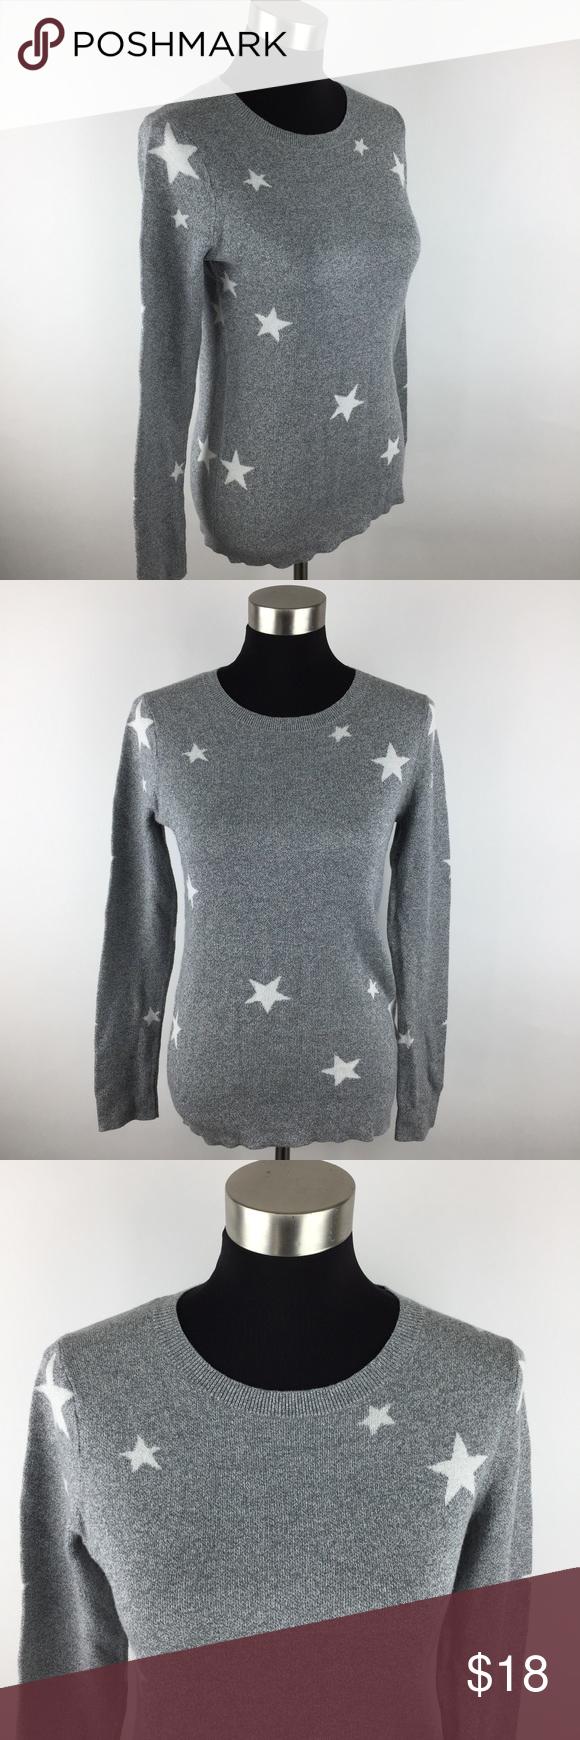 Banana Republic Grey Thin Knit Stars Sweater Small | Banana ...